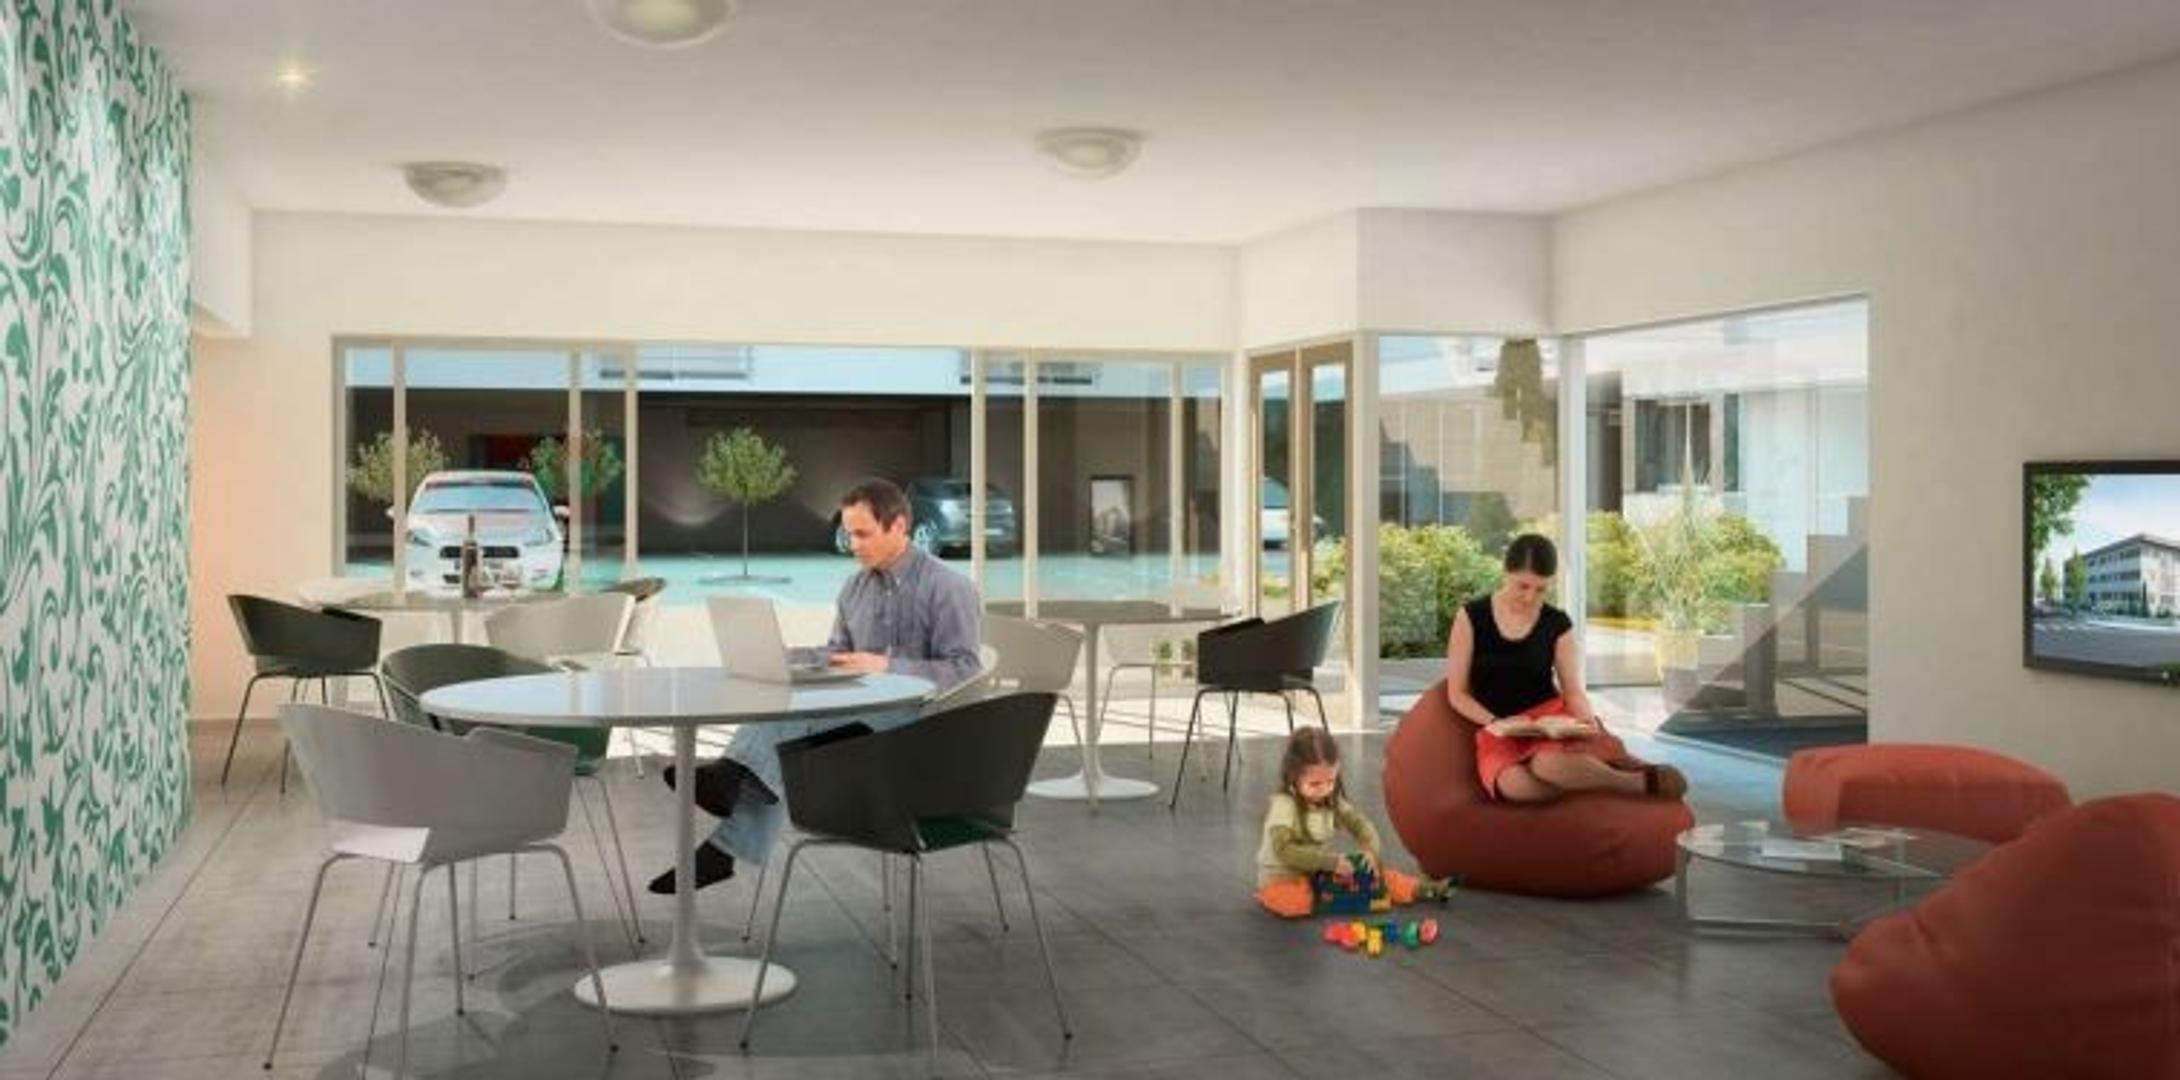 Departamento - 50 m² | 2 dormitorios | 1 año